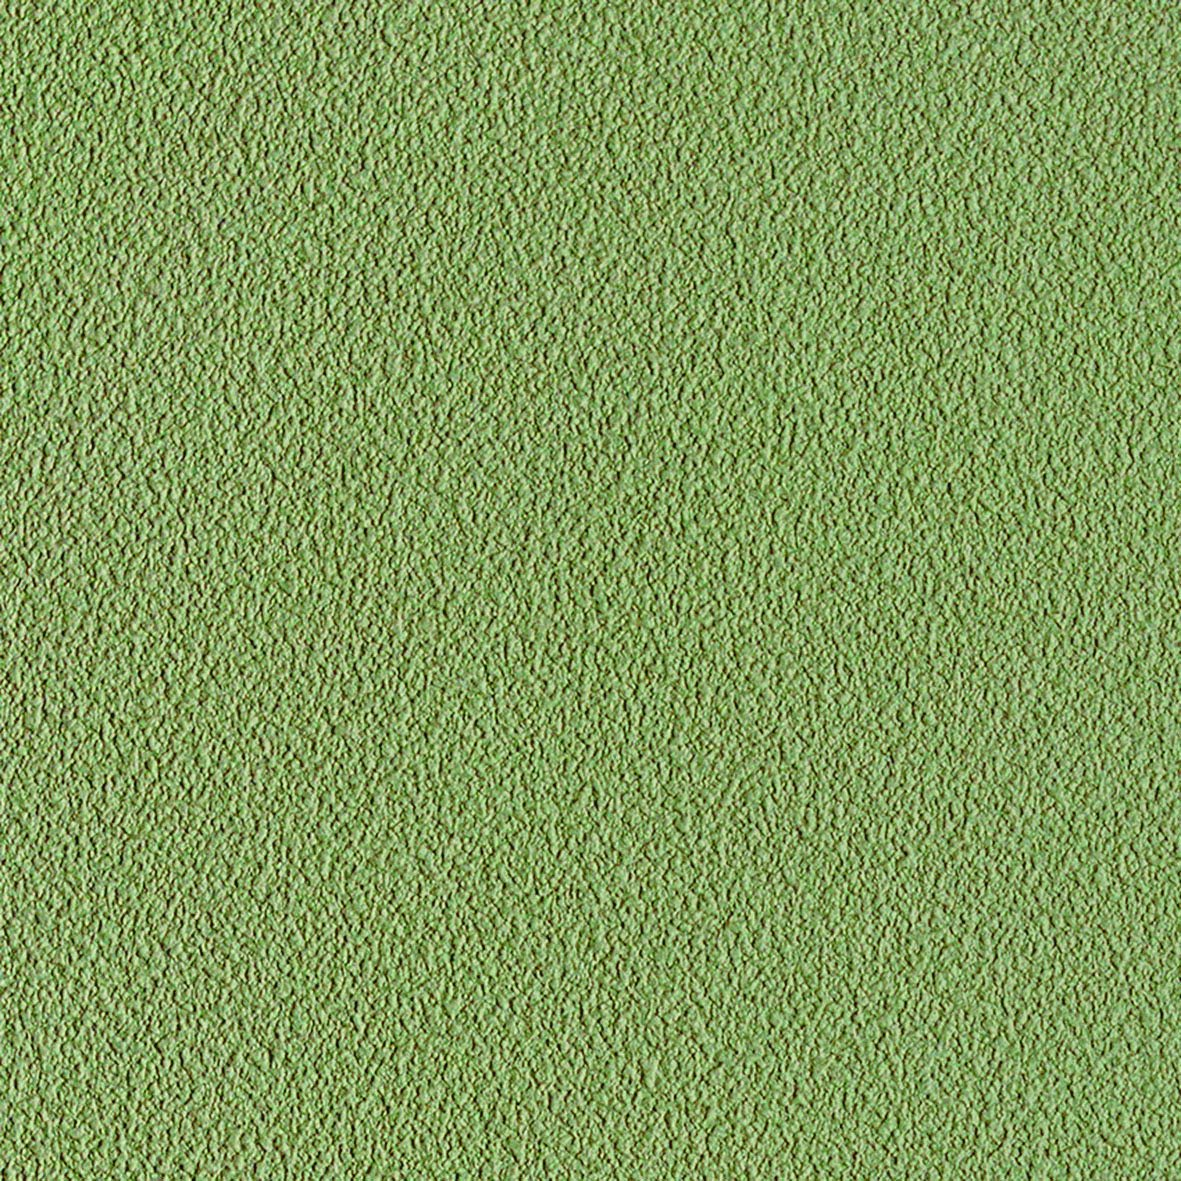 リリカラ 壁紙46m ナチュラル 石目調 グリーン LL-8282 B01N3T5W92 46m|グリーン2